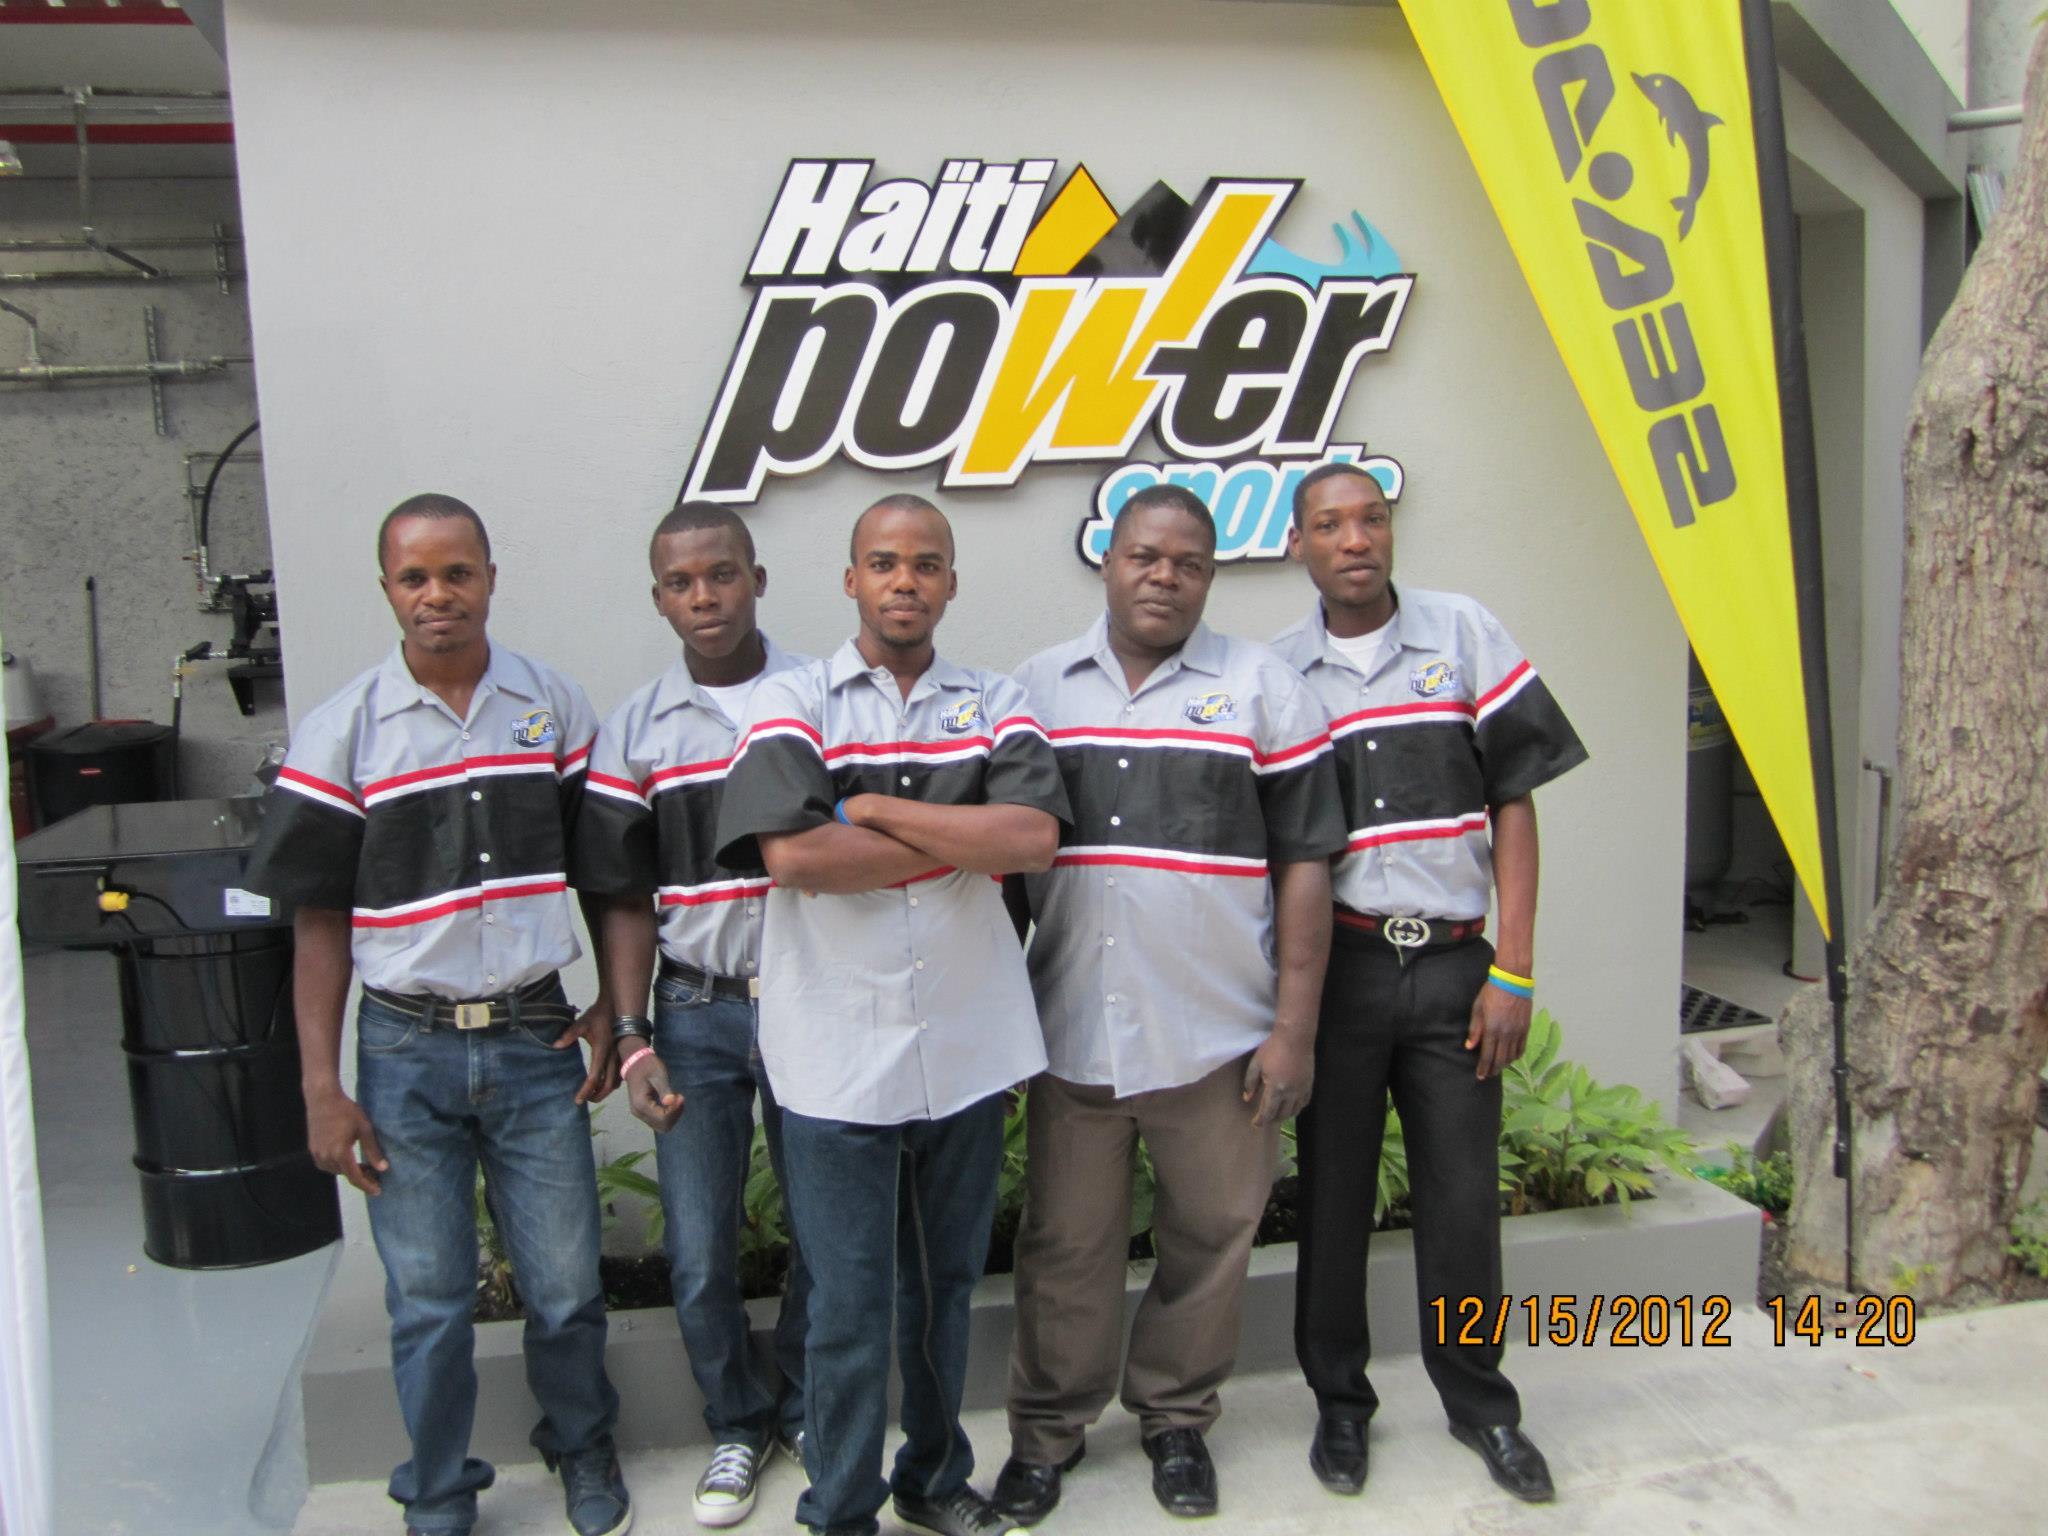 Haiti Powersports